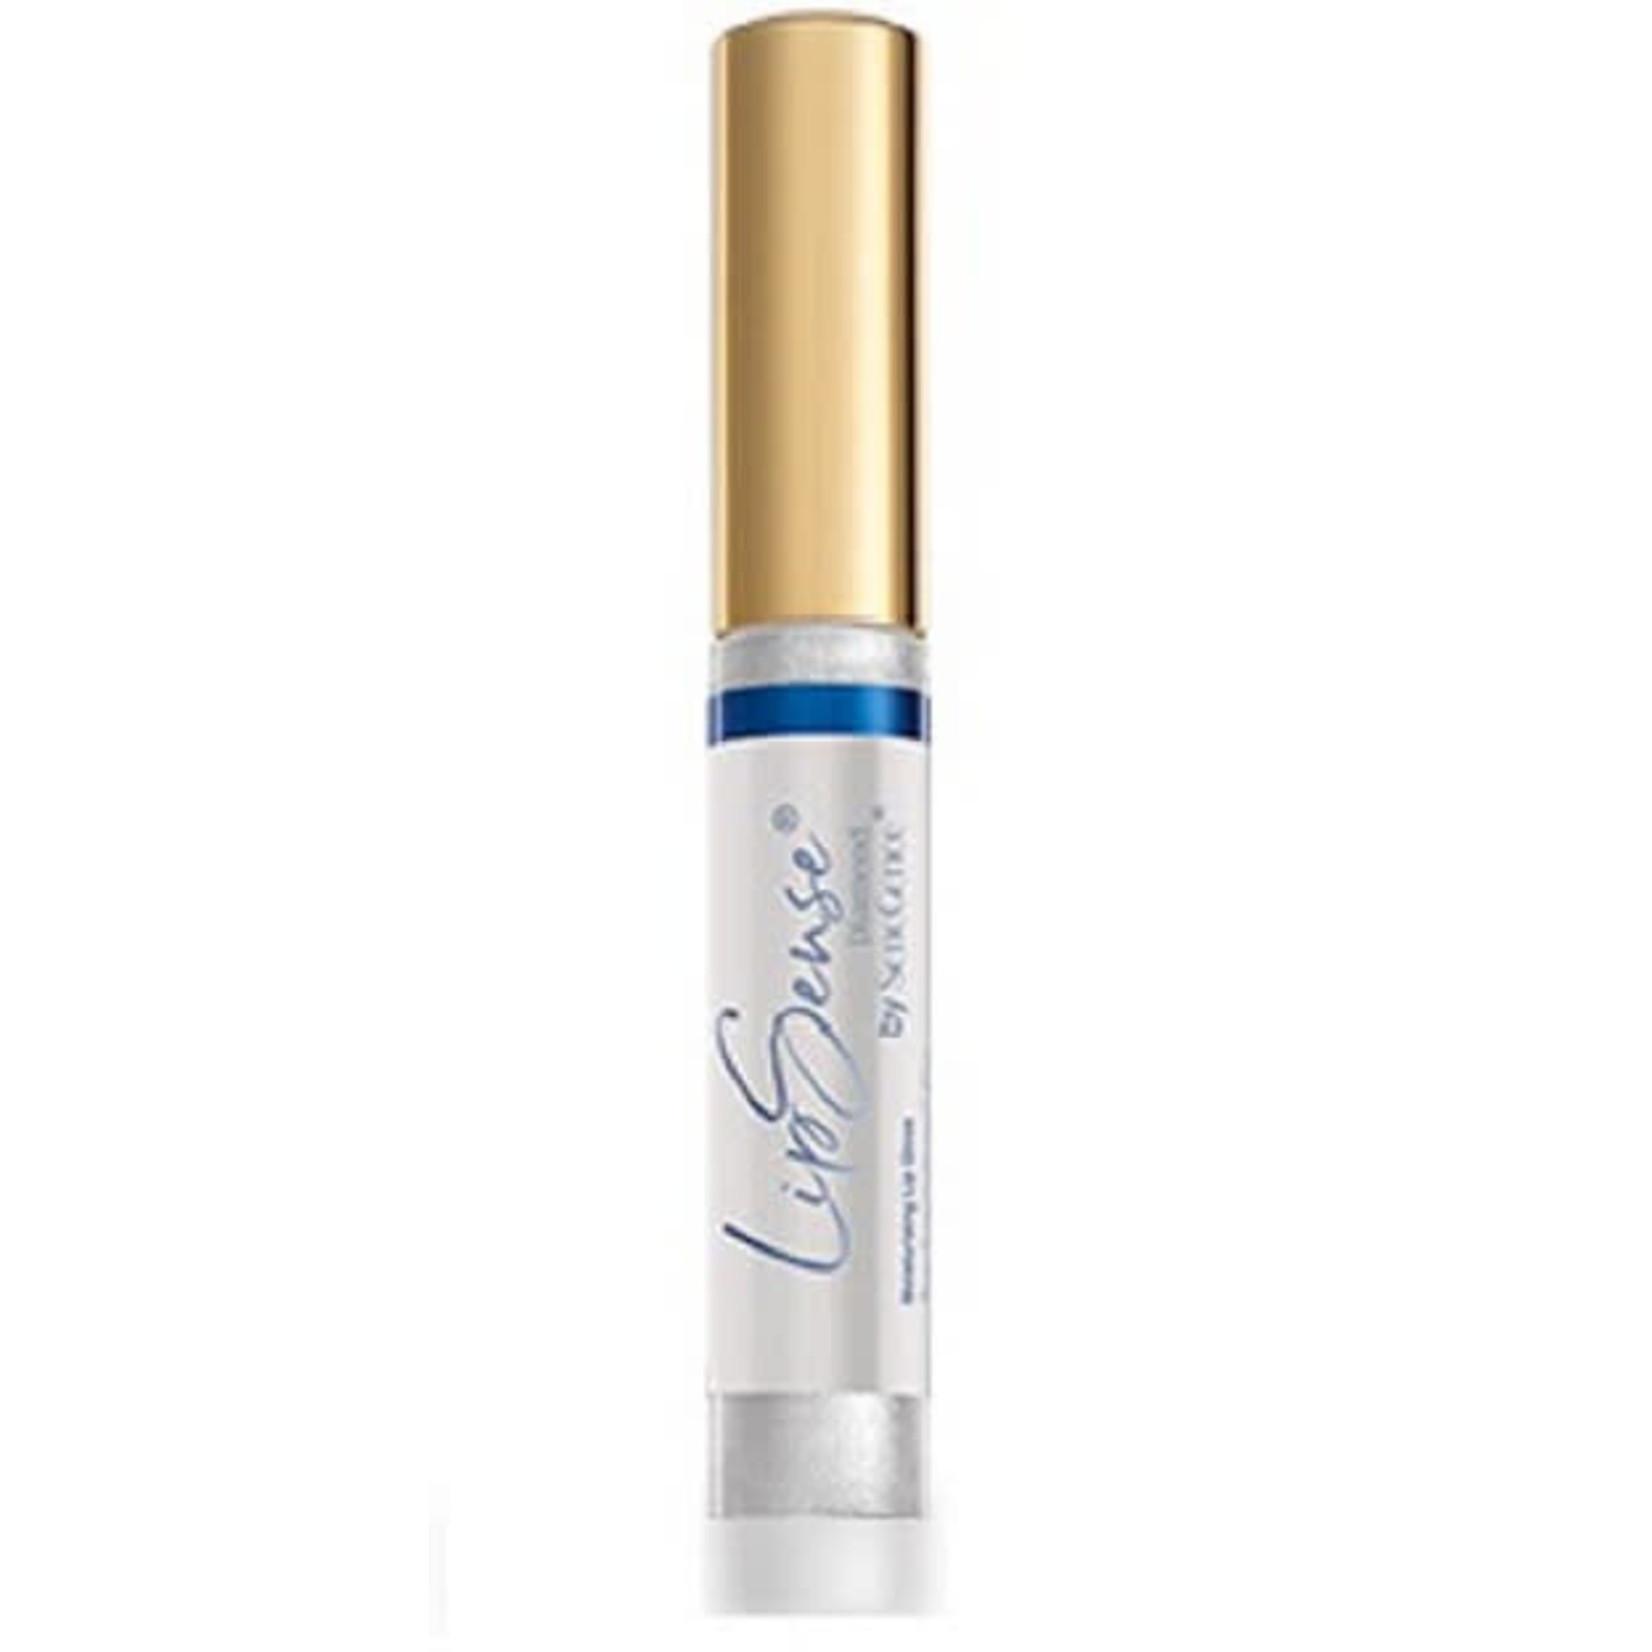 SeneGence LipSense Glossy Gloss